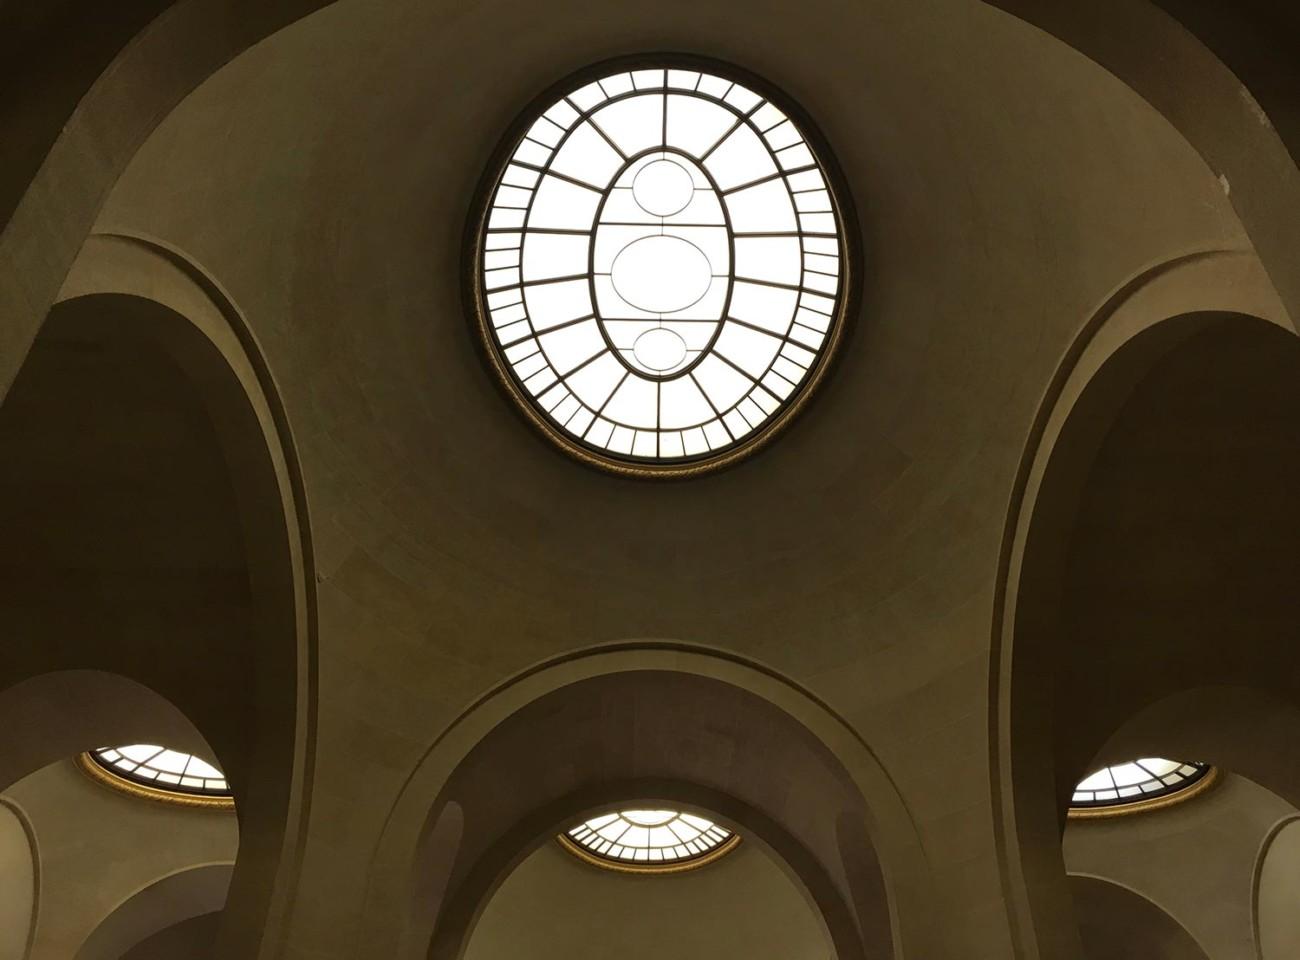 Decke im Treppenhaus des Louvre